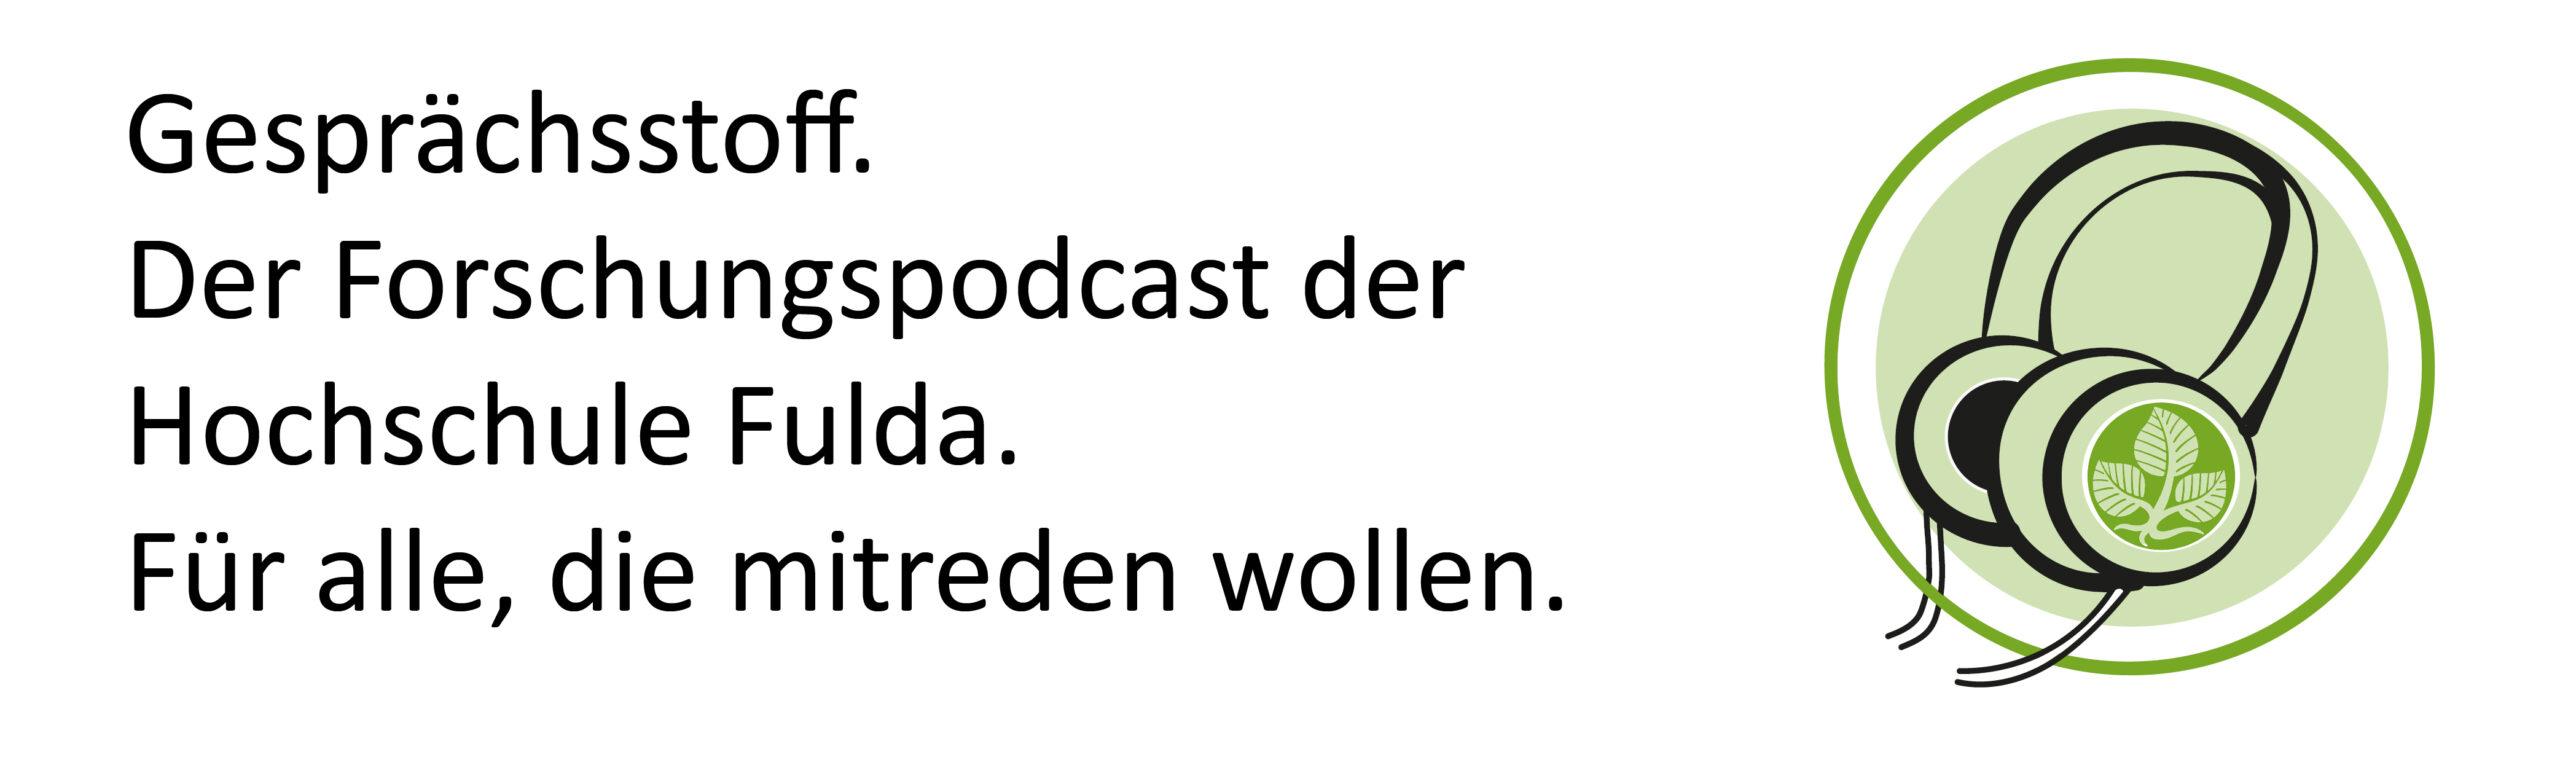 Das Logo des Podcasts Gesprächsstoff